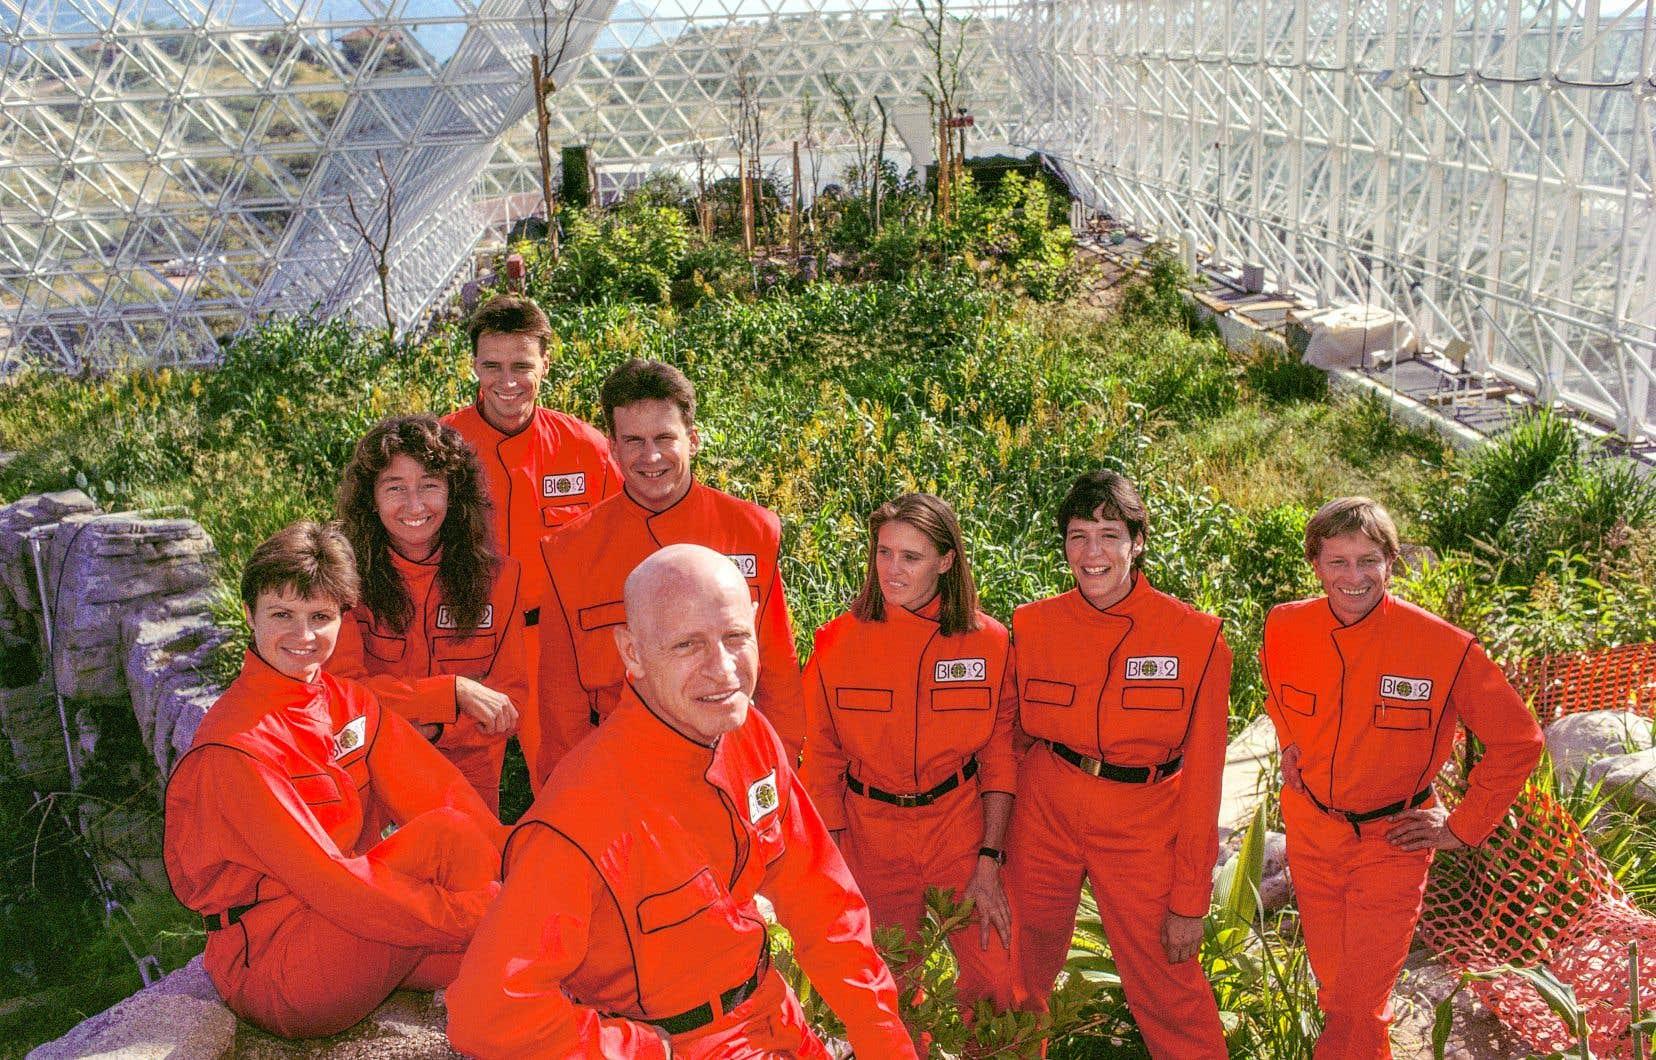 La mission Biosphère 2, la mission avait pour but d'en apprendre davantage sur le fonctionnement de la vie sur Terre en recréantun monde à échelle réduite en plein désert de l'Arizona.